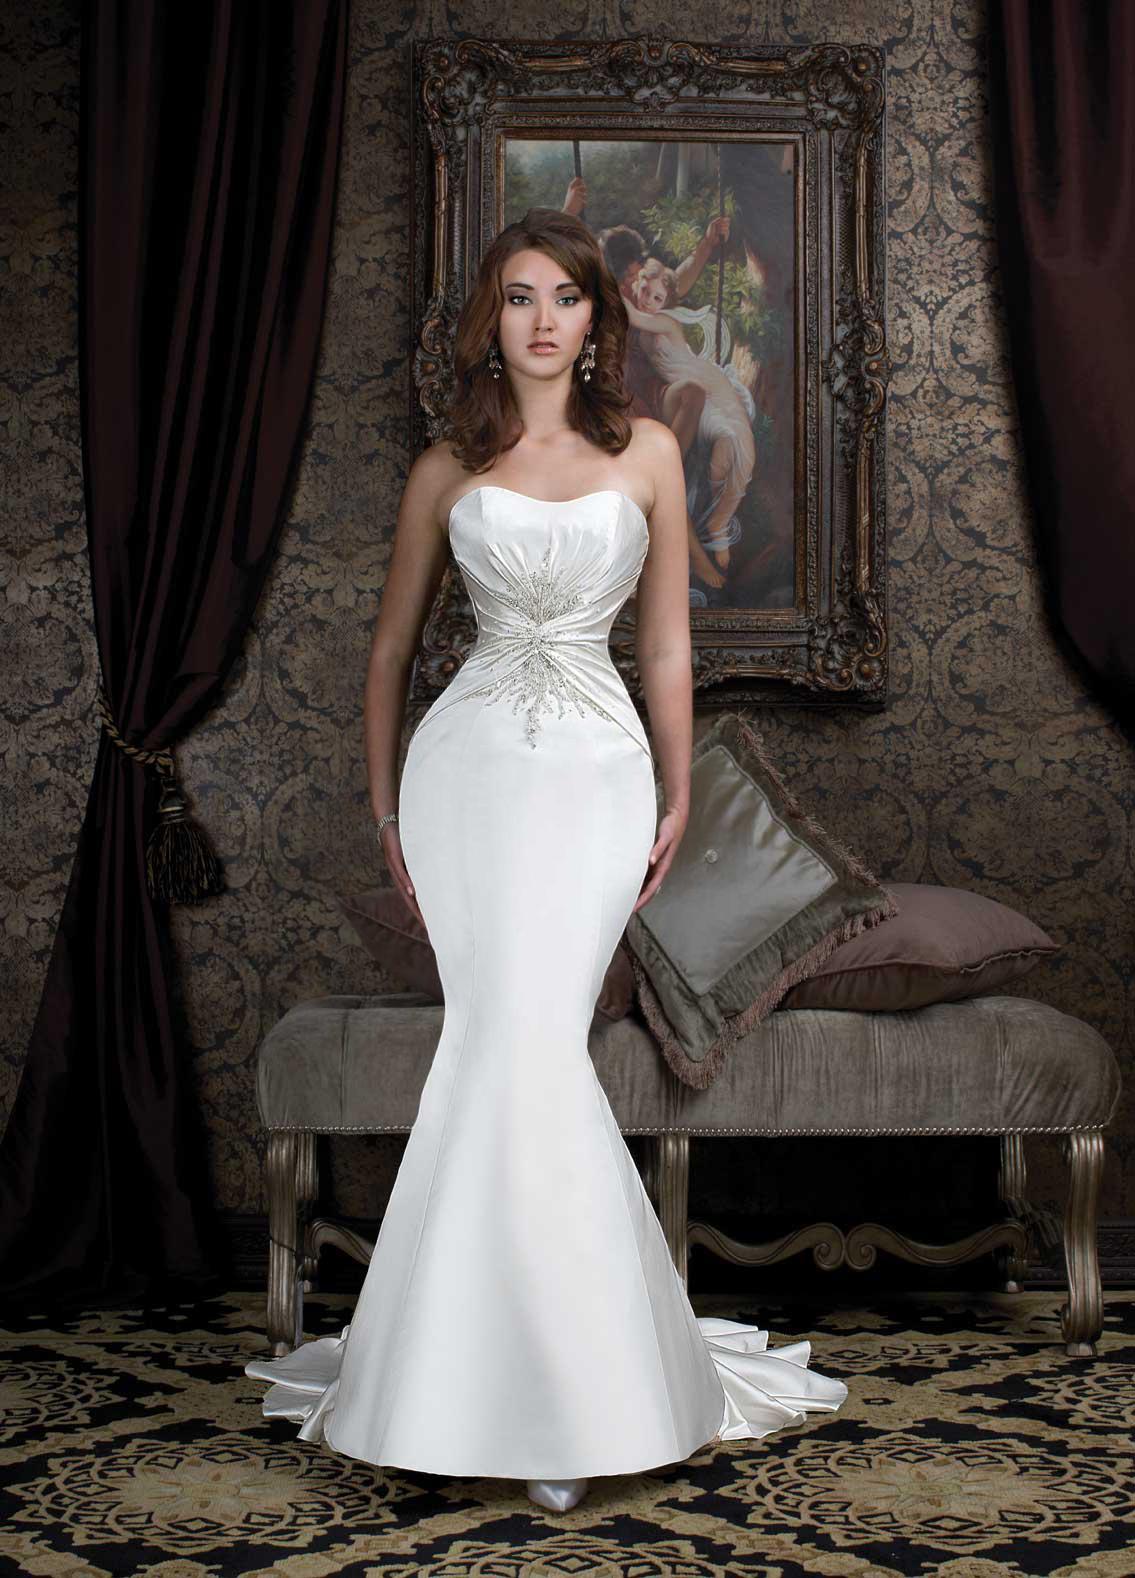 sexy+bride+(17).jpg